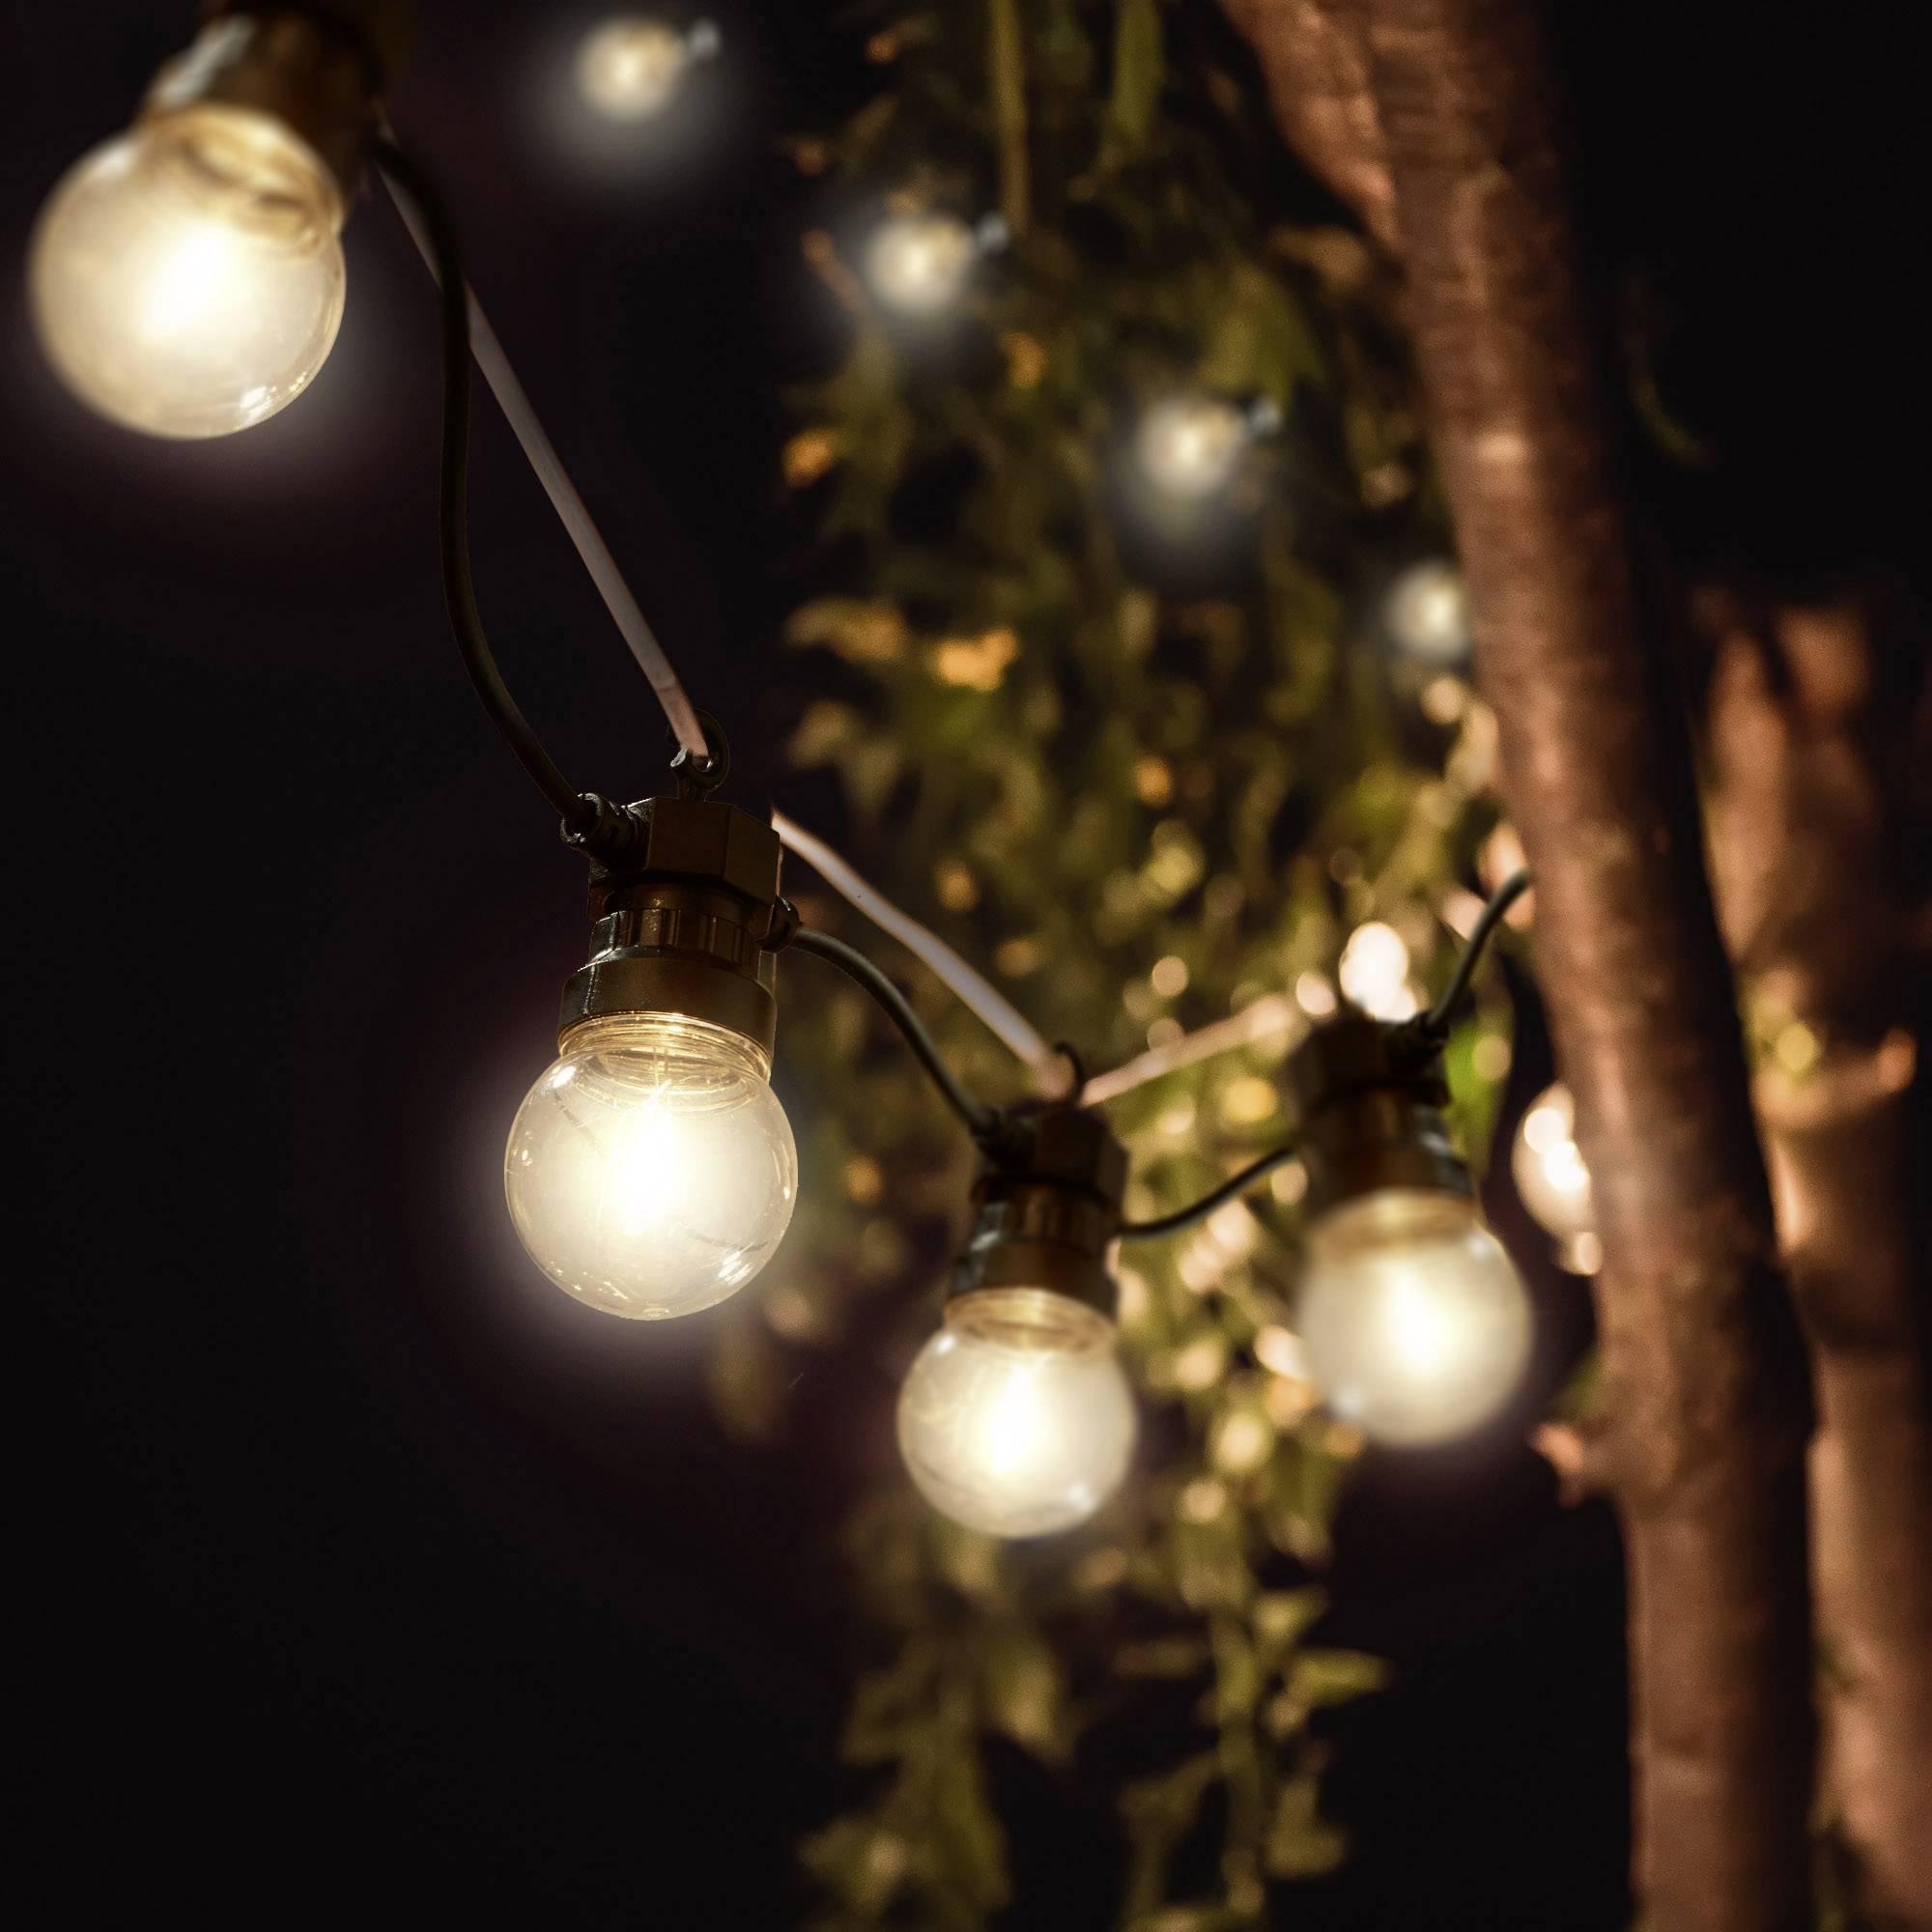 Weihnachtsbeleuchtung Aussen Motive.Polarlite Pl 8401700 Motiv Lichterkette Kugeln Innen Außen Netzbetrieben 10 St Led Warm Weiß Beleuchtete Länge 5 M